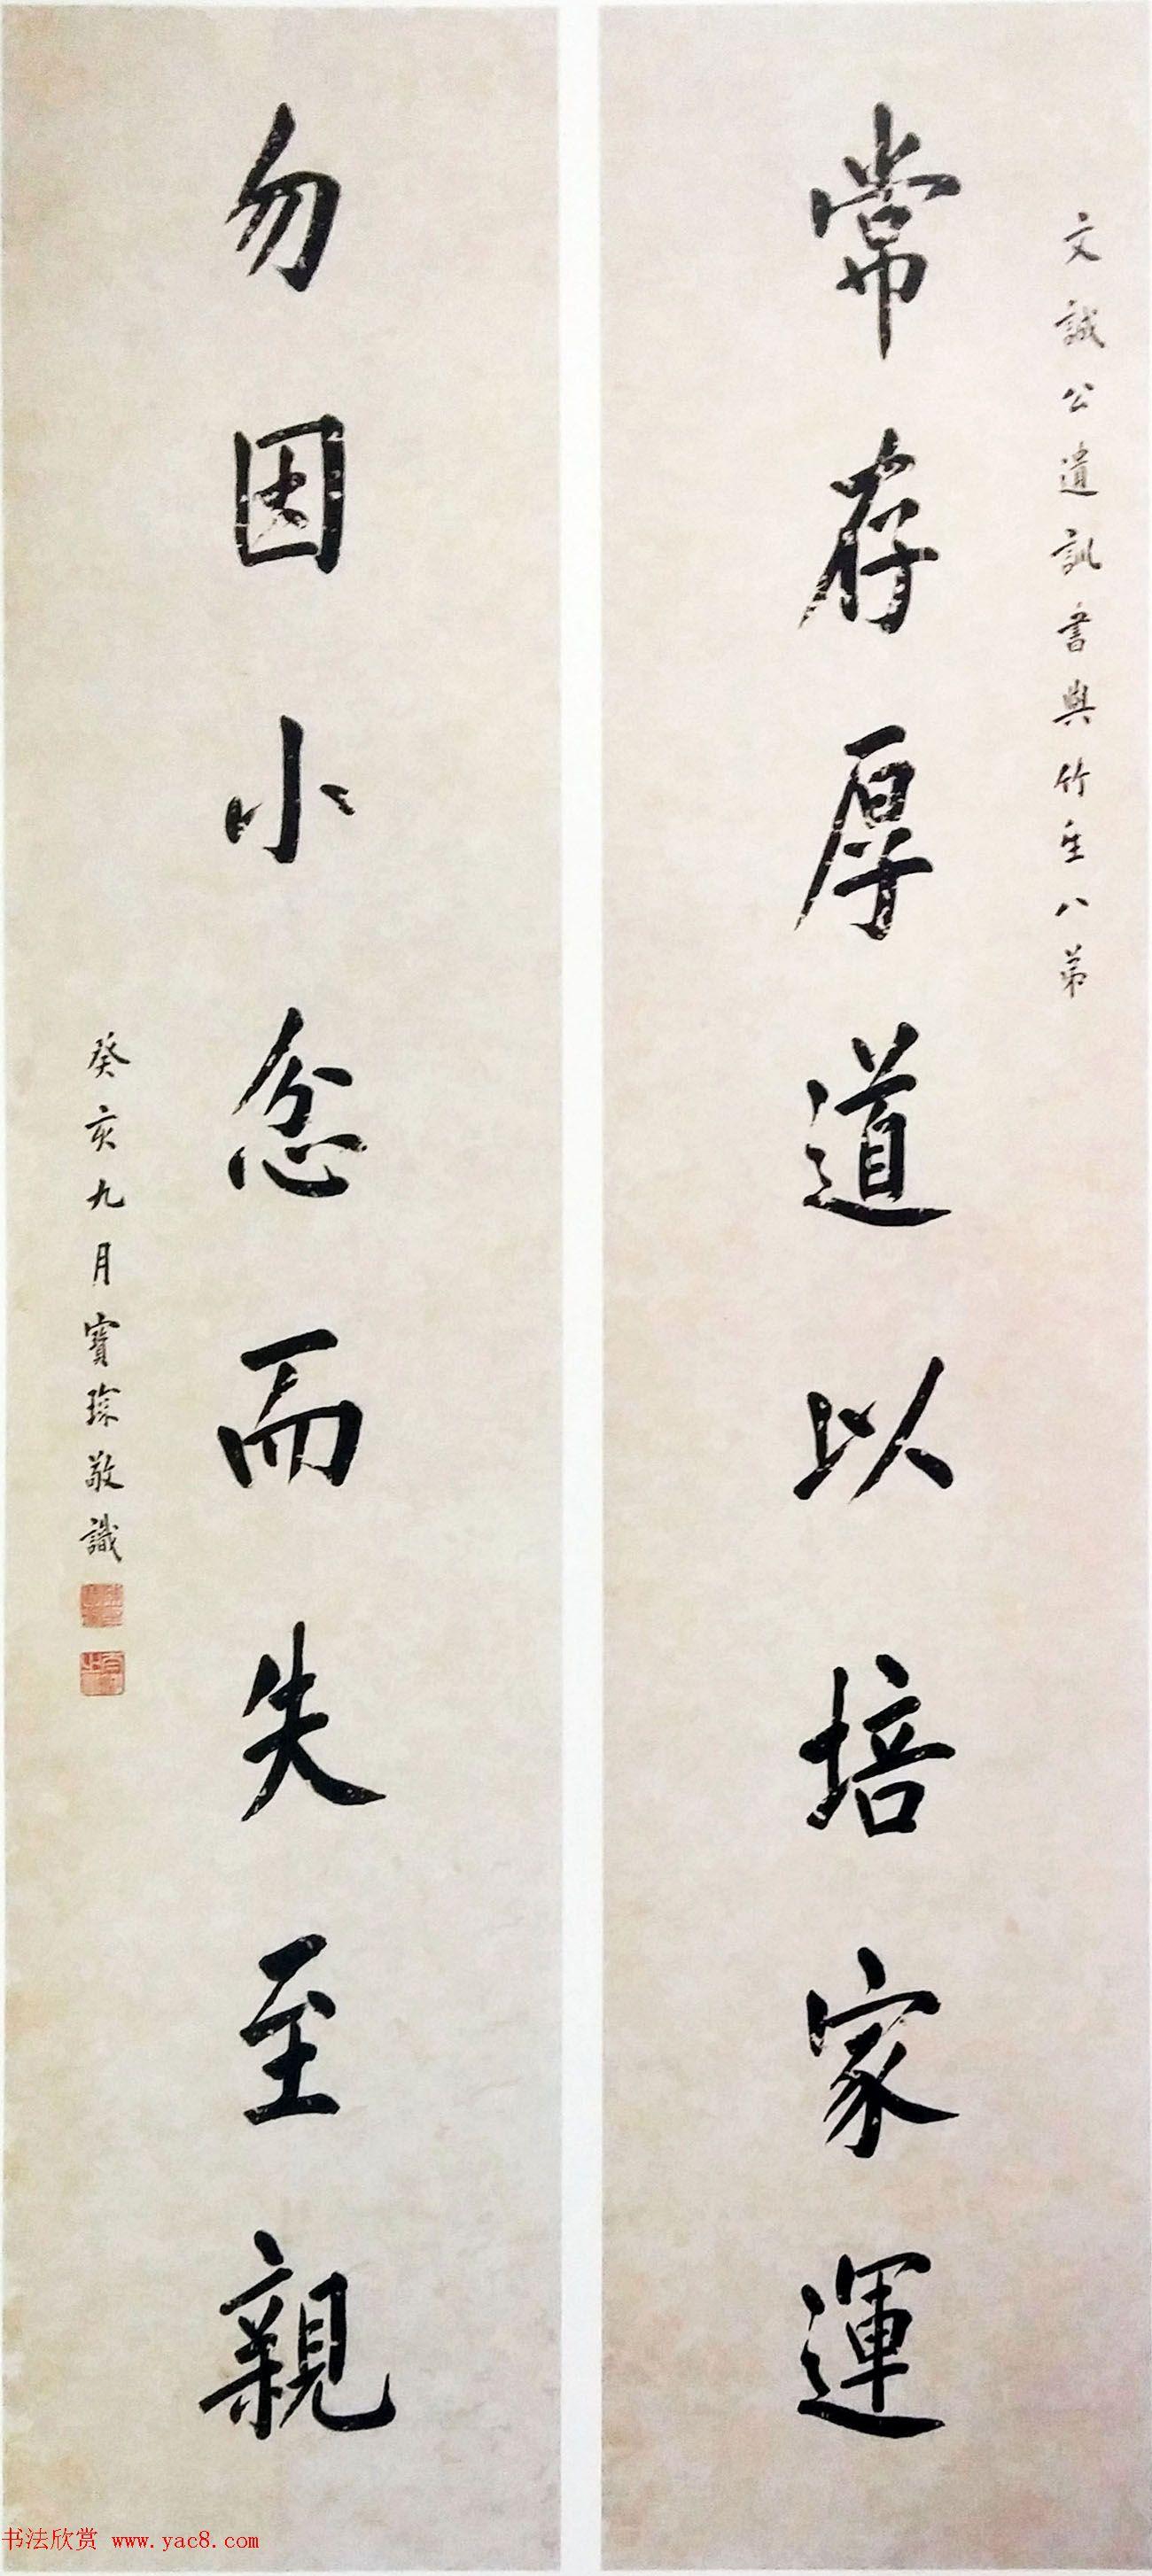 溥仪之师陈宝琛书法墨迹